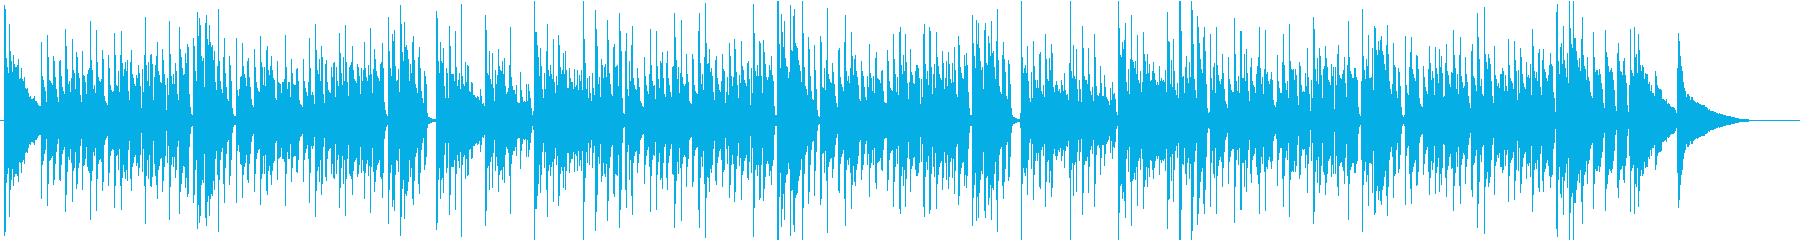 ウィンターワンダーランド アコギ生演奏の再生済みの波形